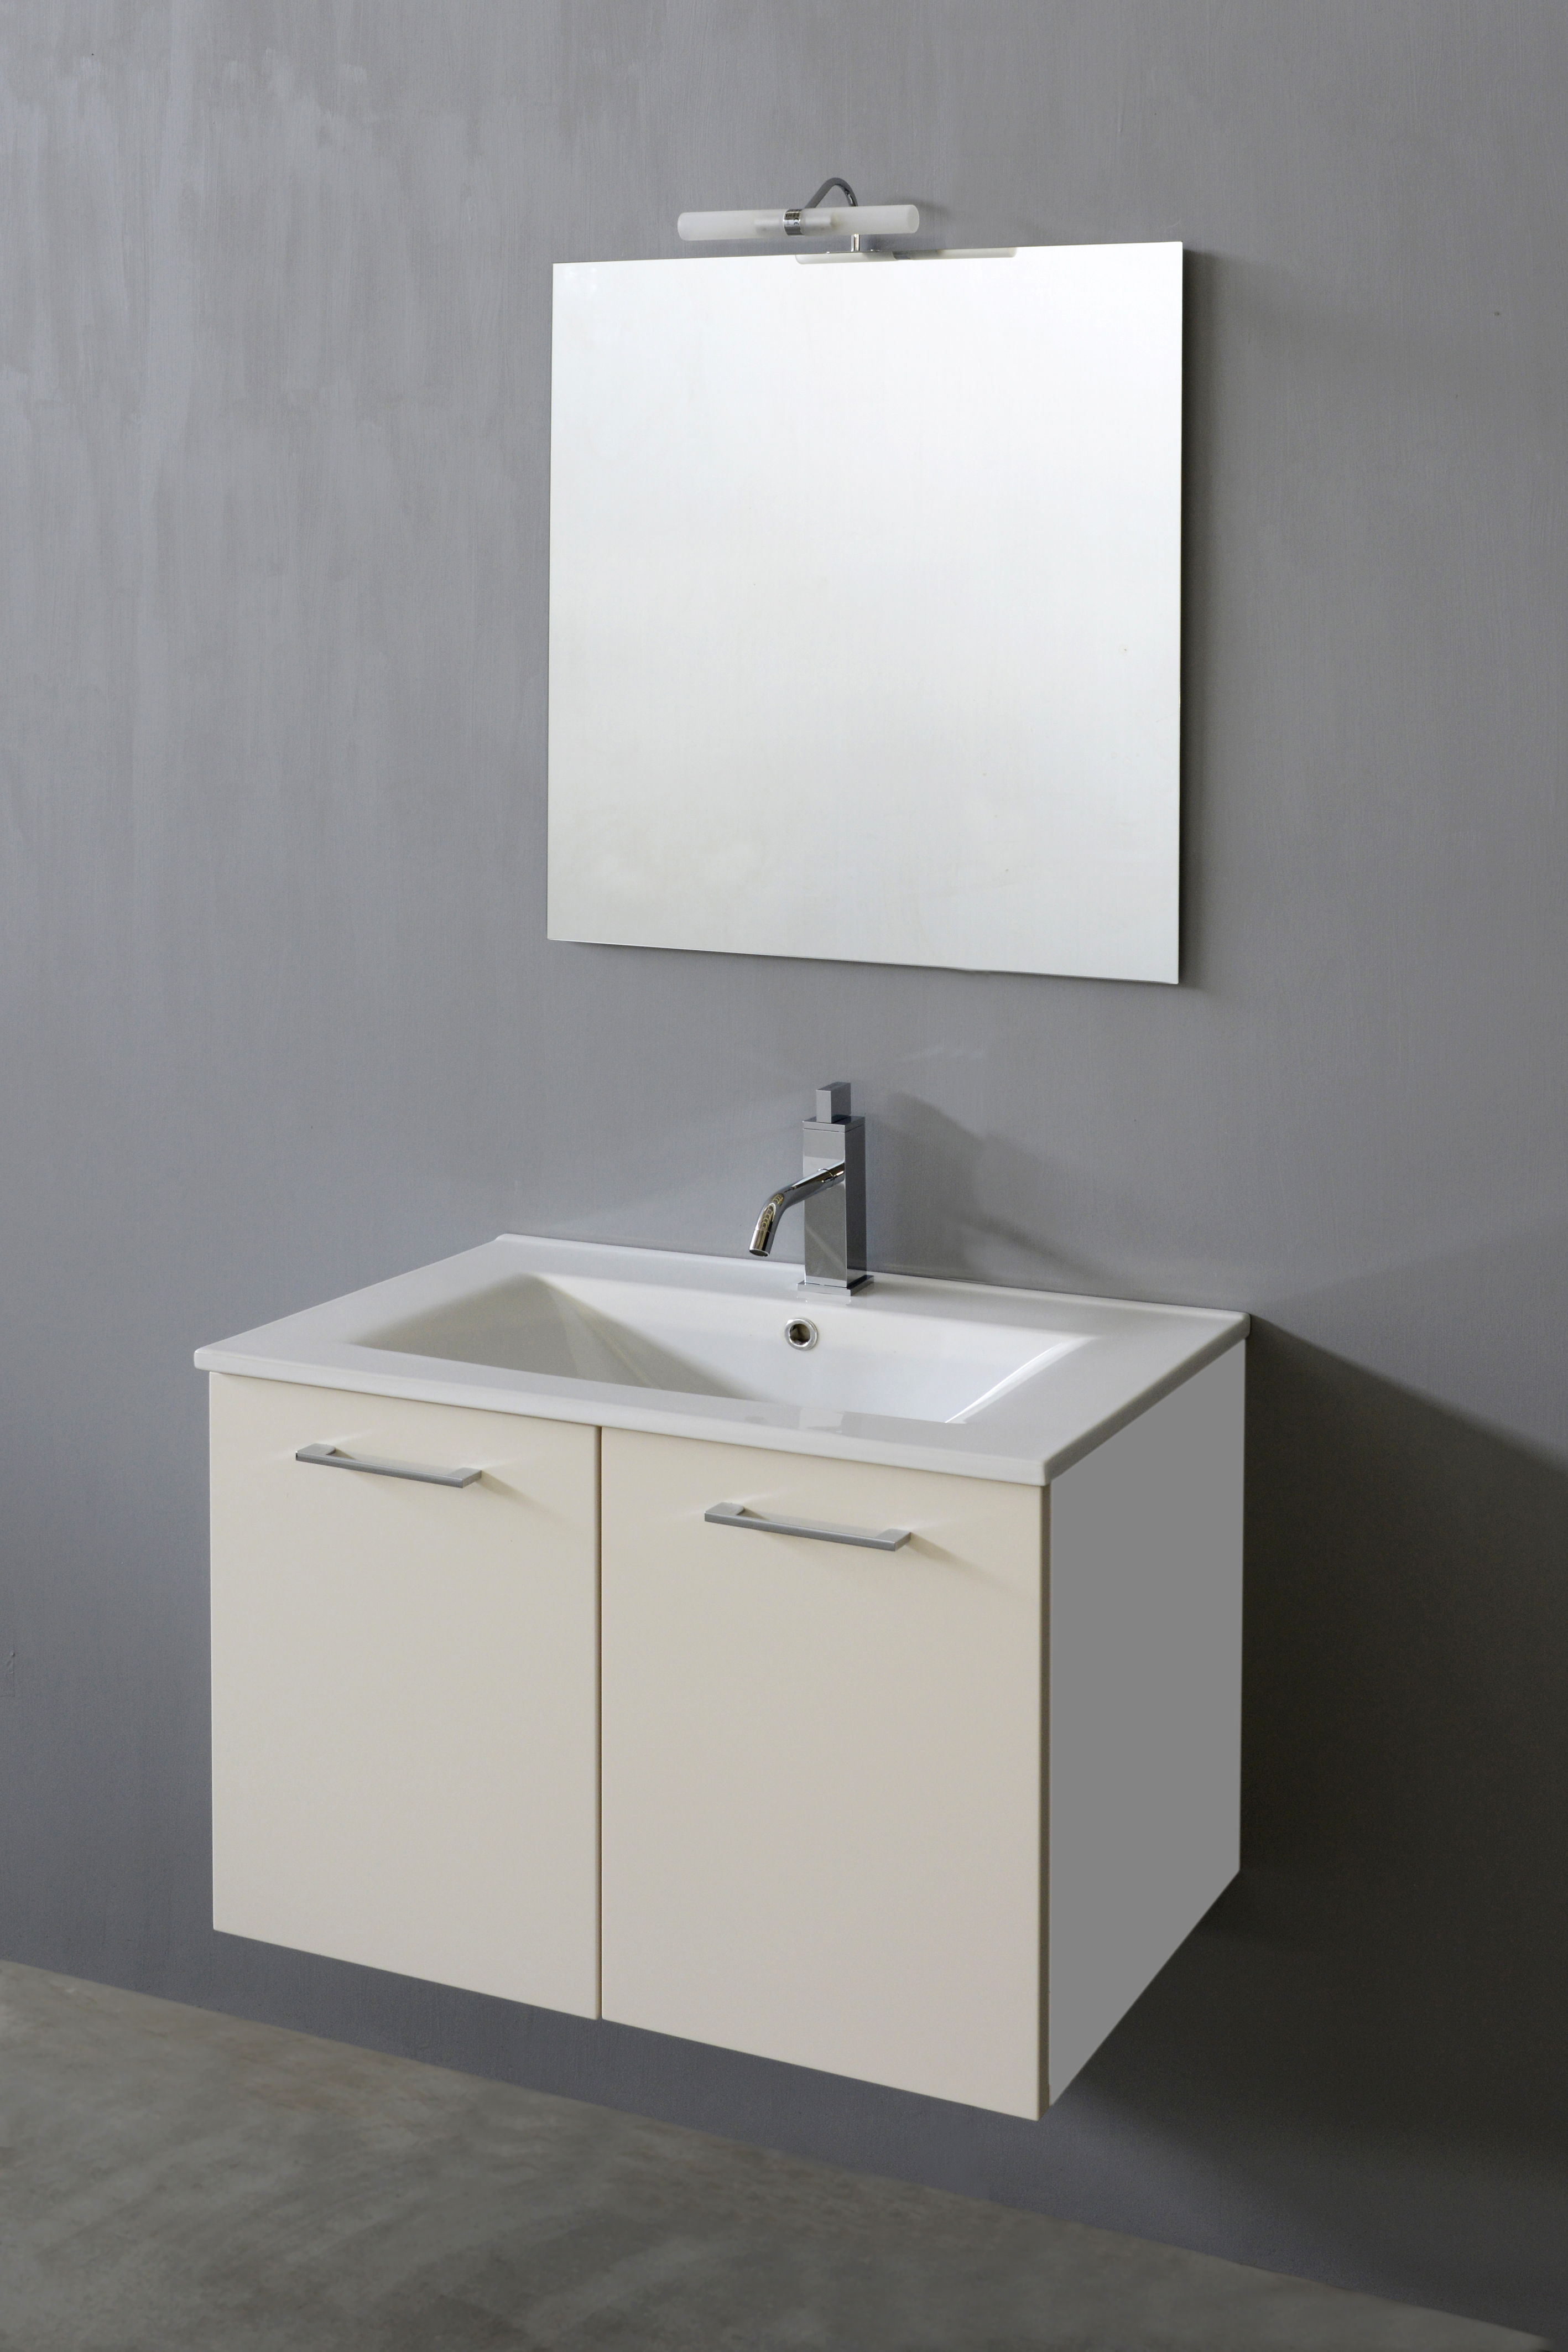 Mobili da bagno moderno edilceramiche di maccan - Mobili da bagno ...